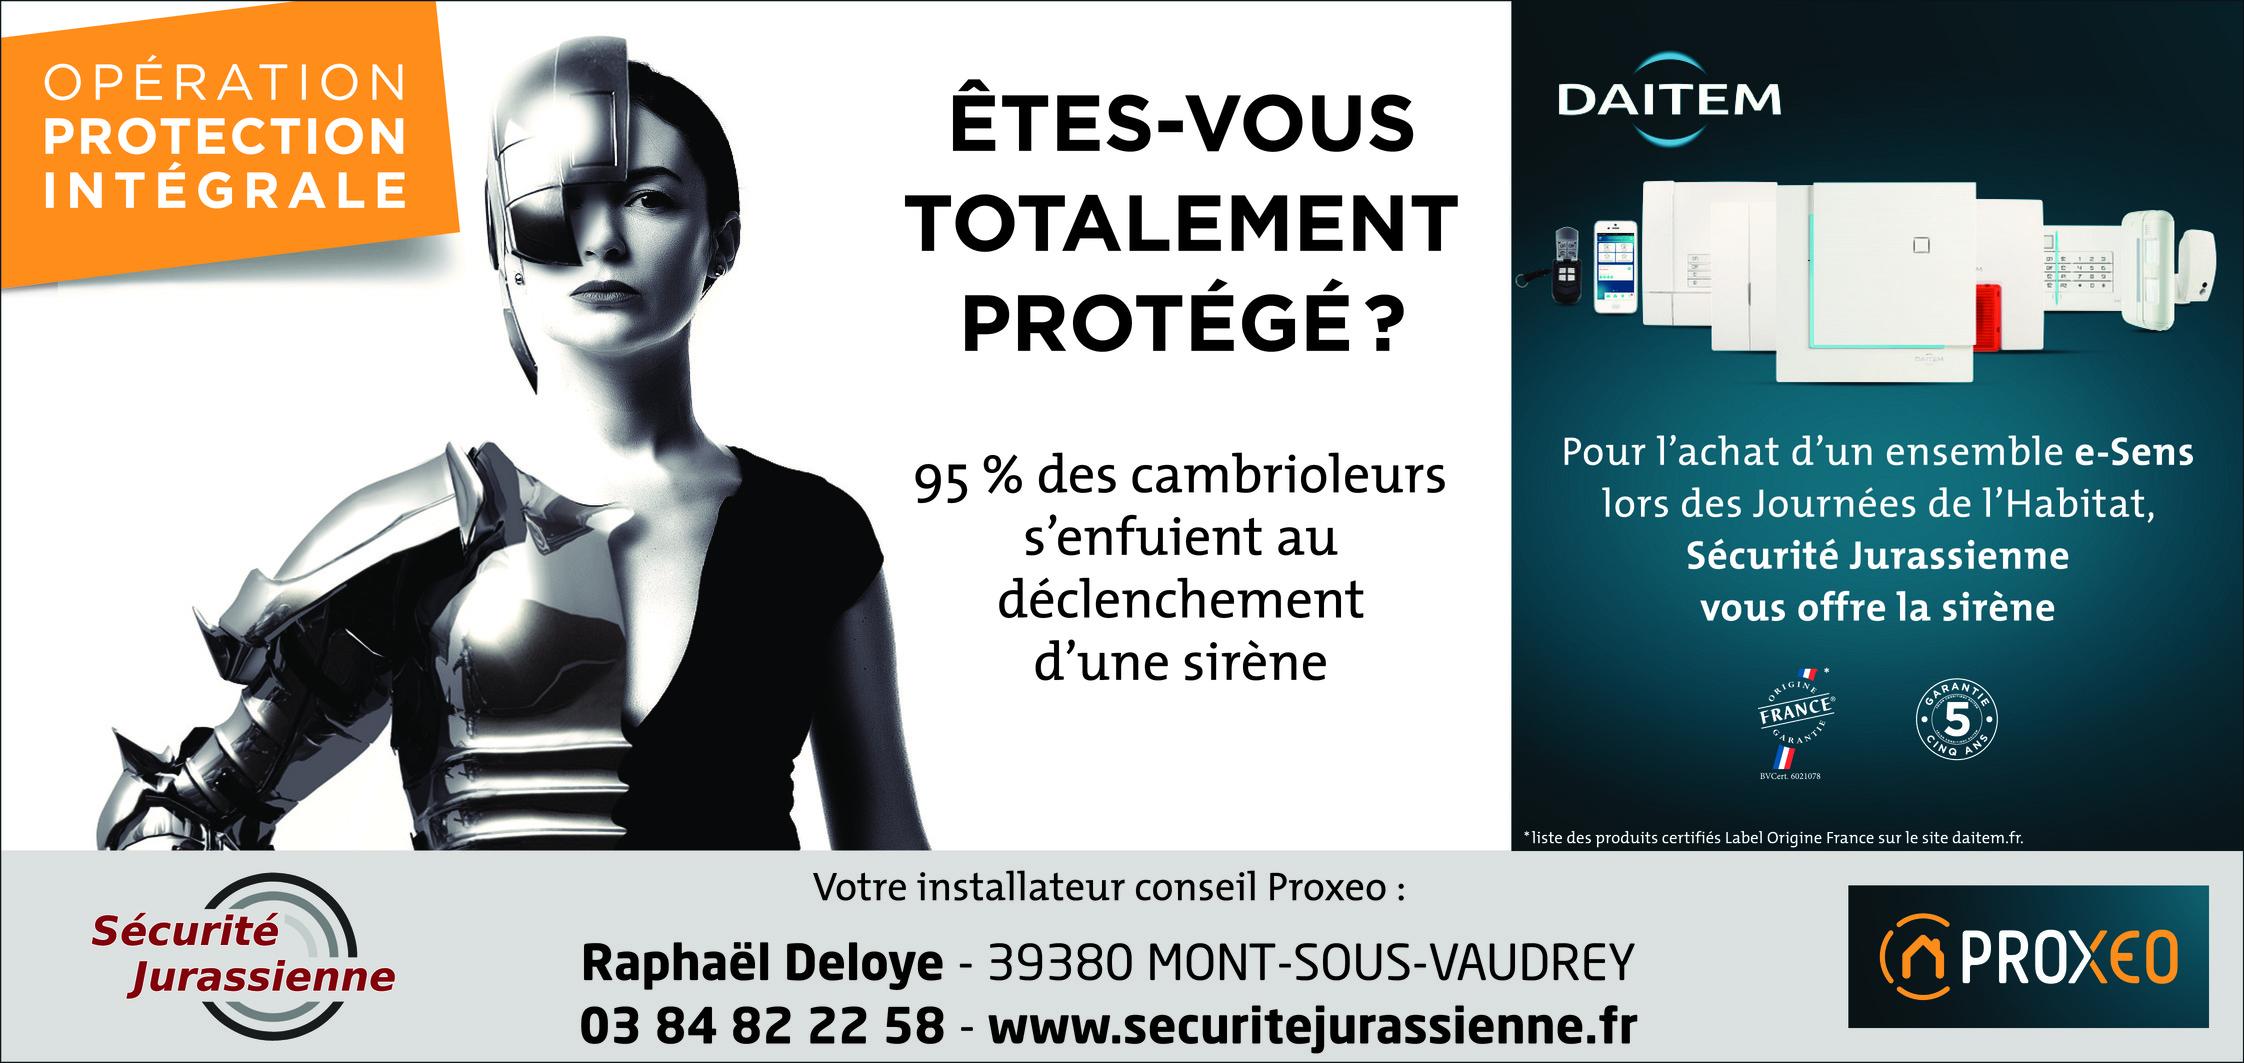 secujurassienne_salonhabitat2016-190x90_hd-page0